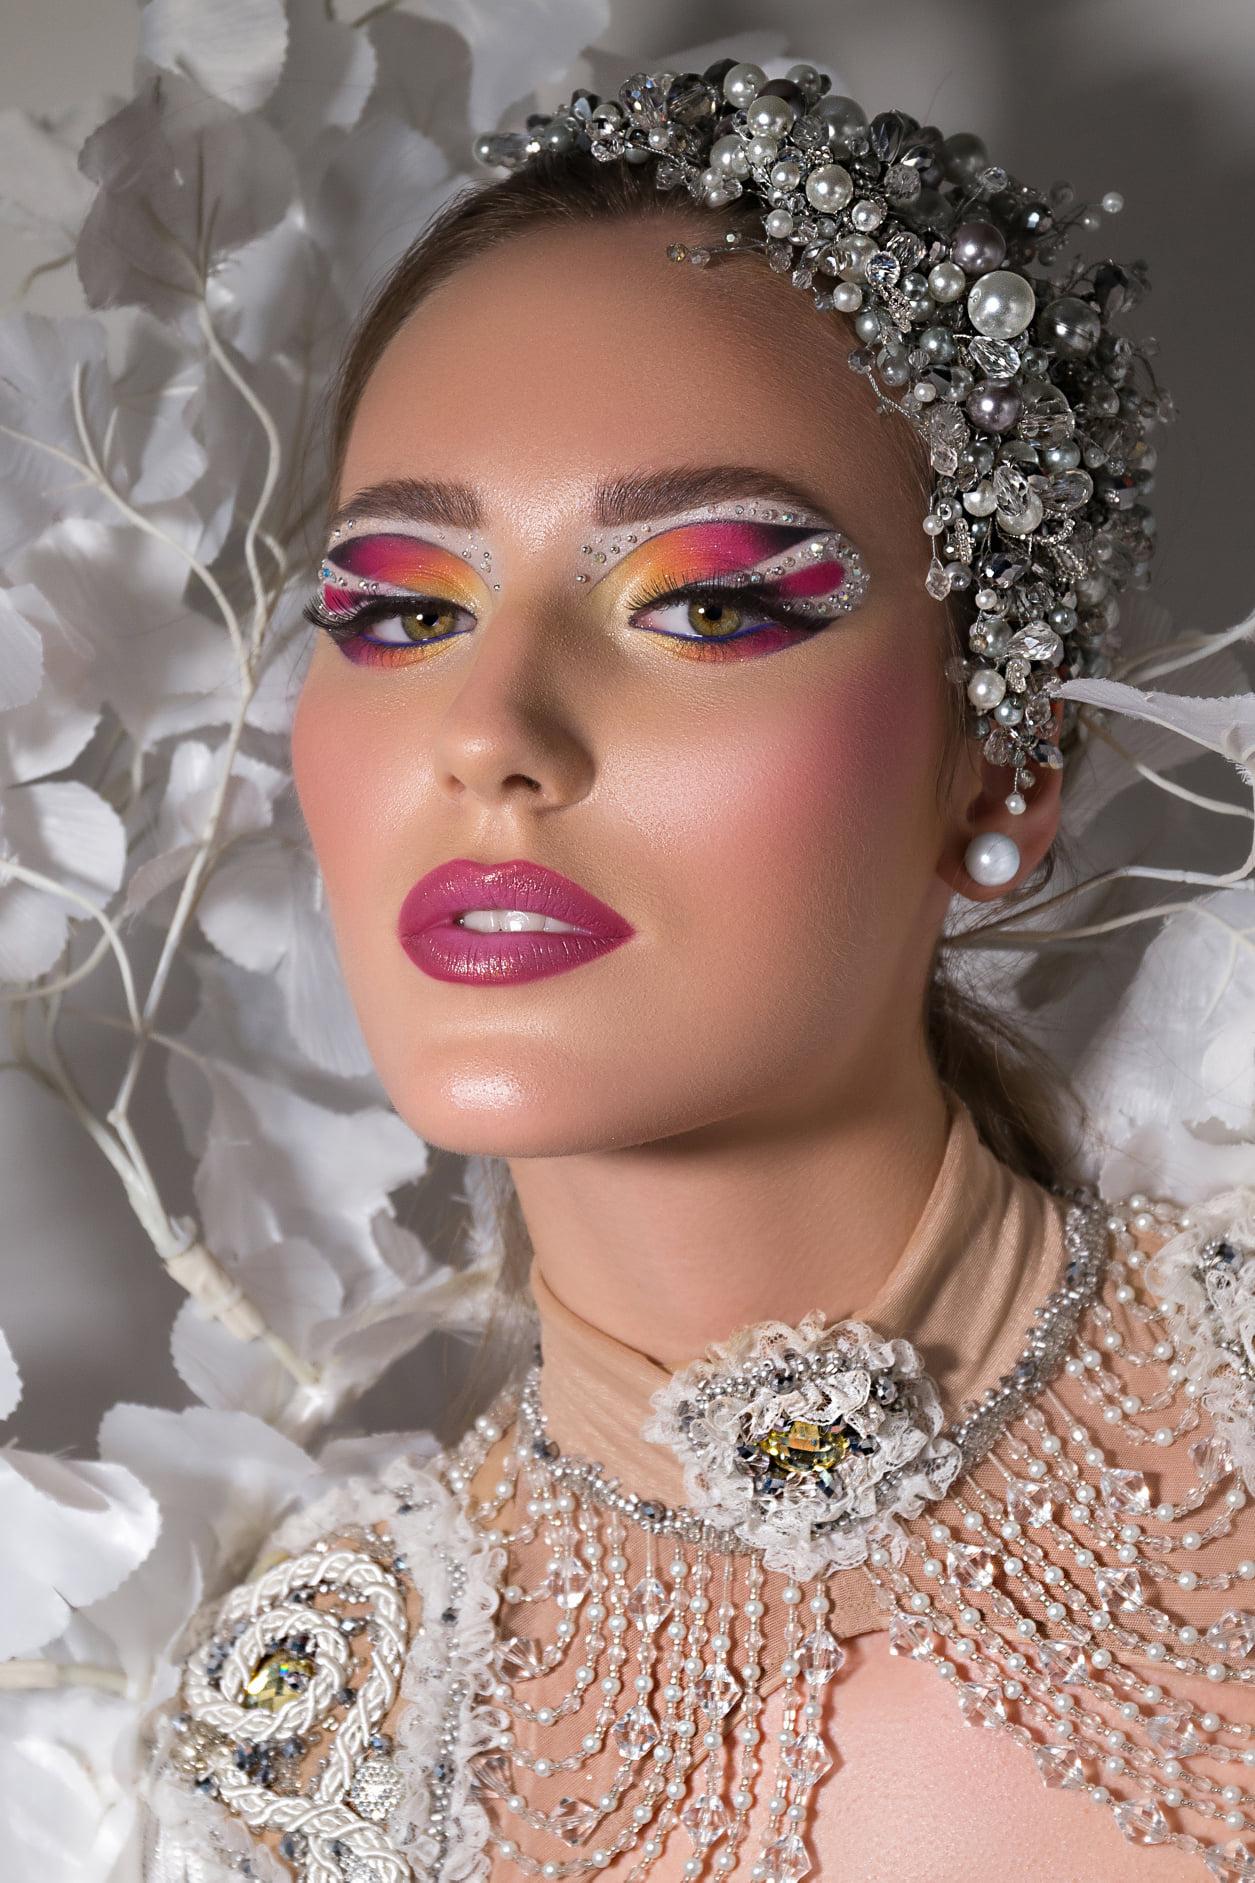 Вінничанка стала чемпіонкою світу з макіяжу